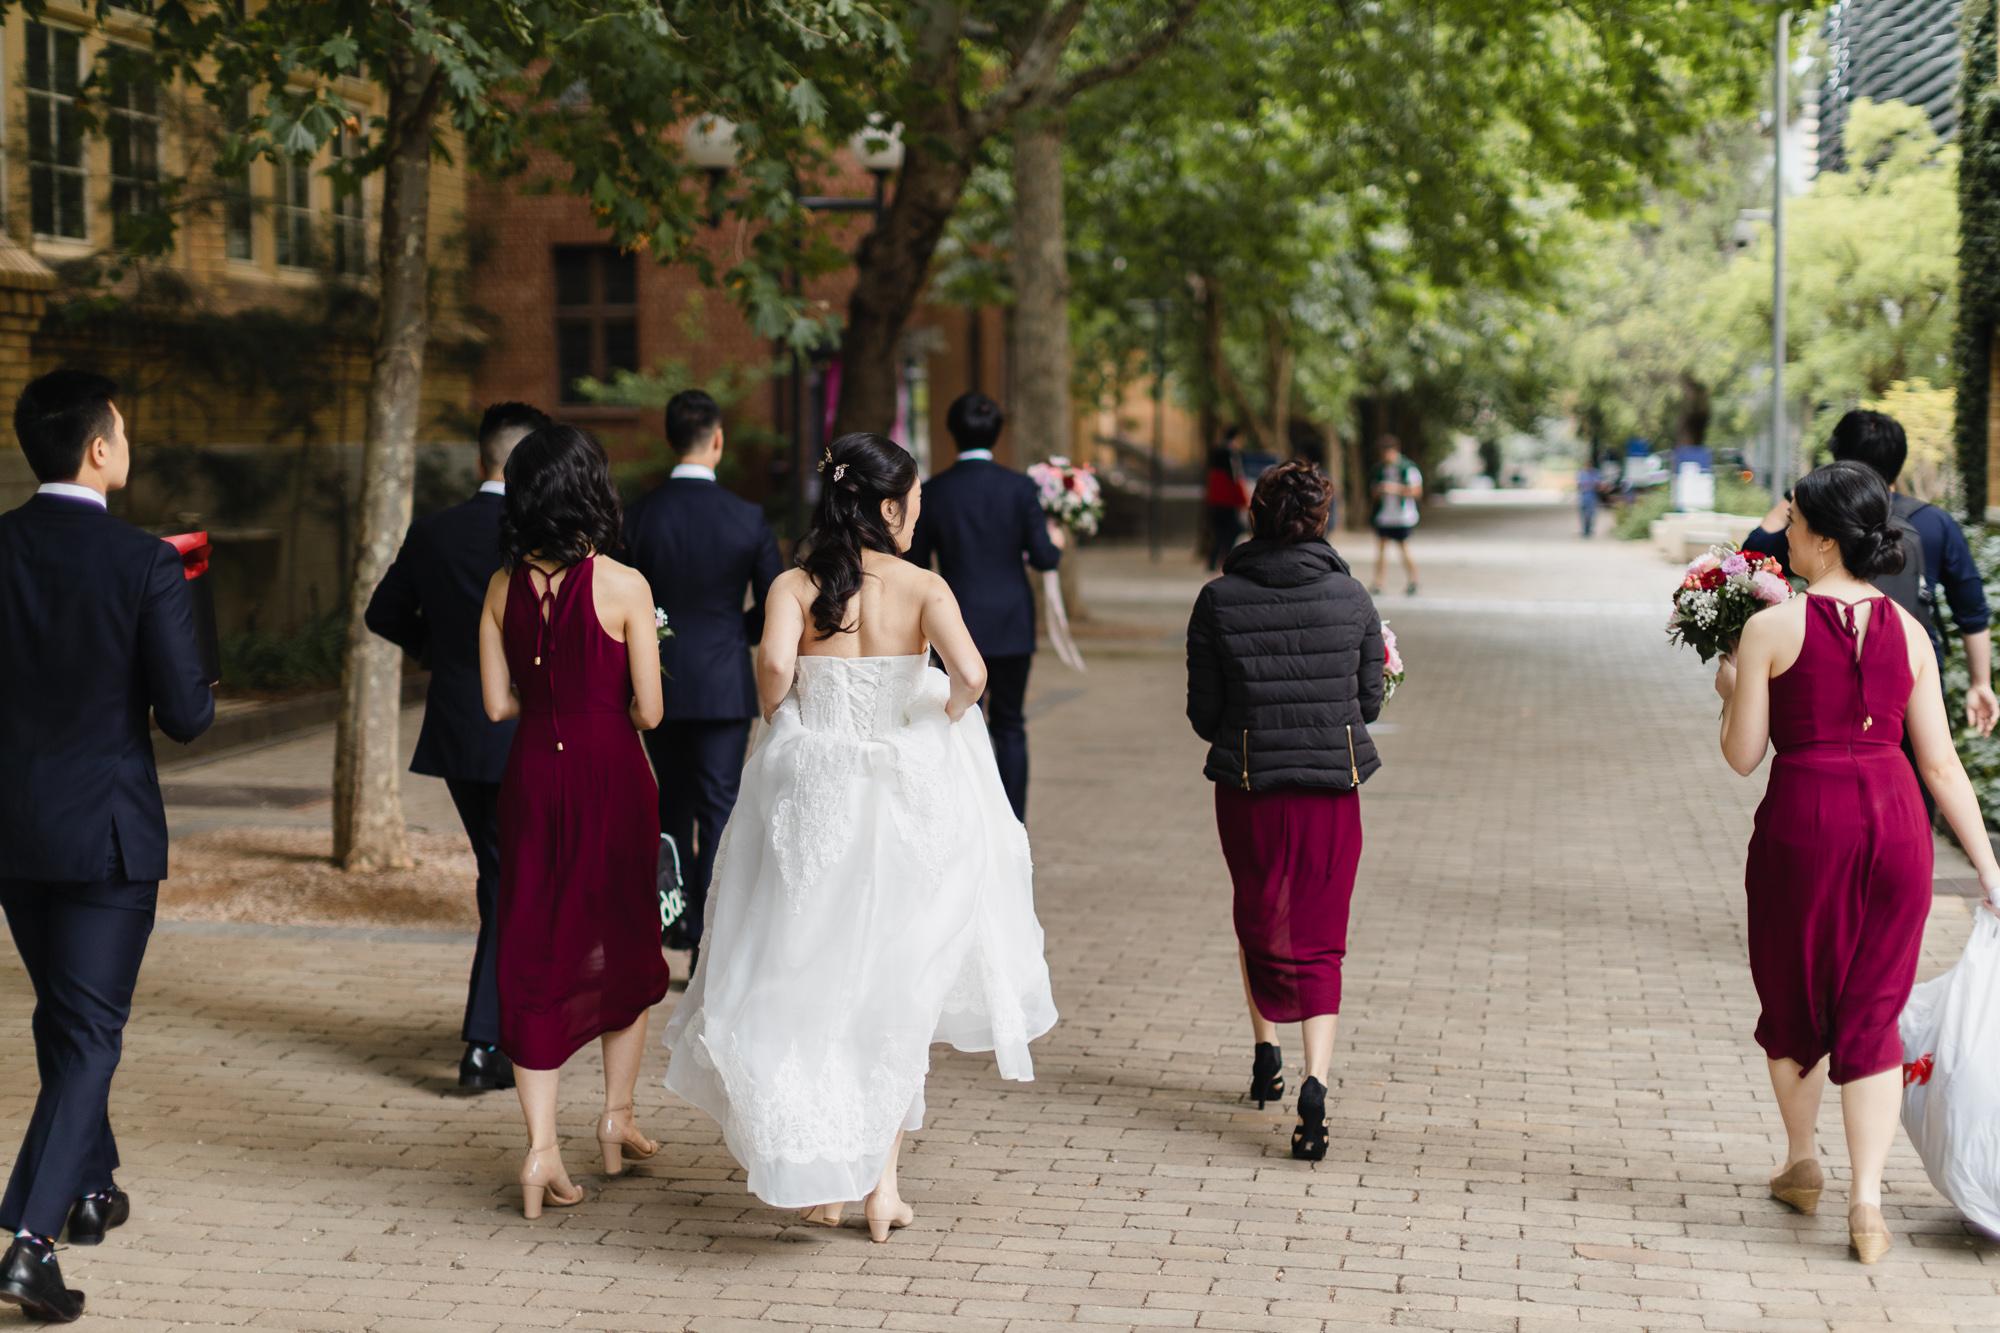 Folkstone-JW-Wedding-Web-121.JPG